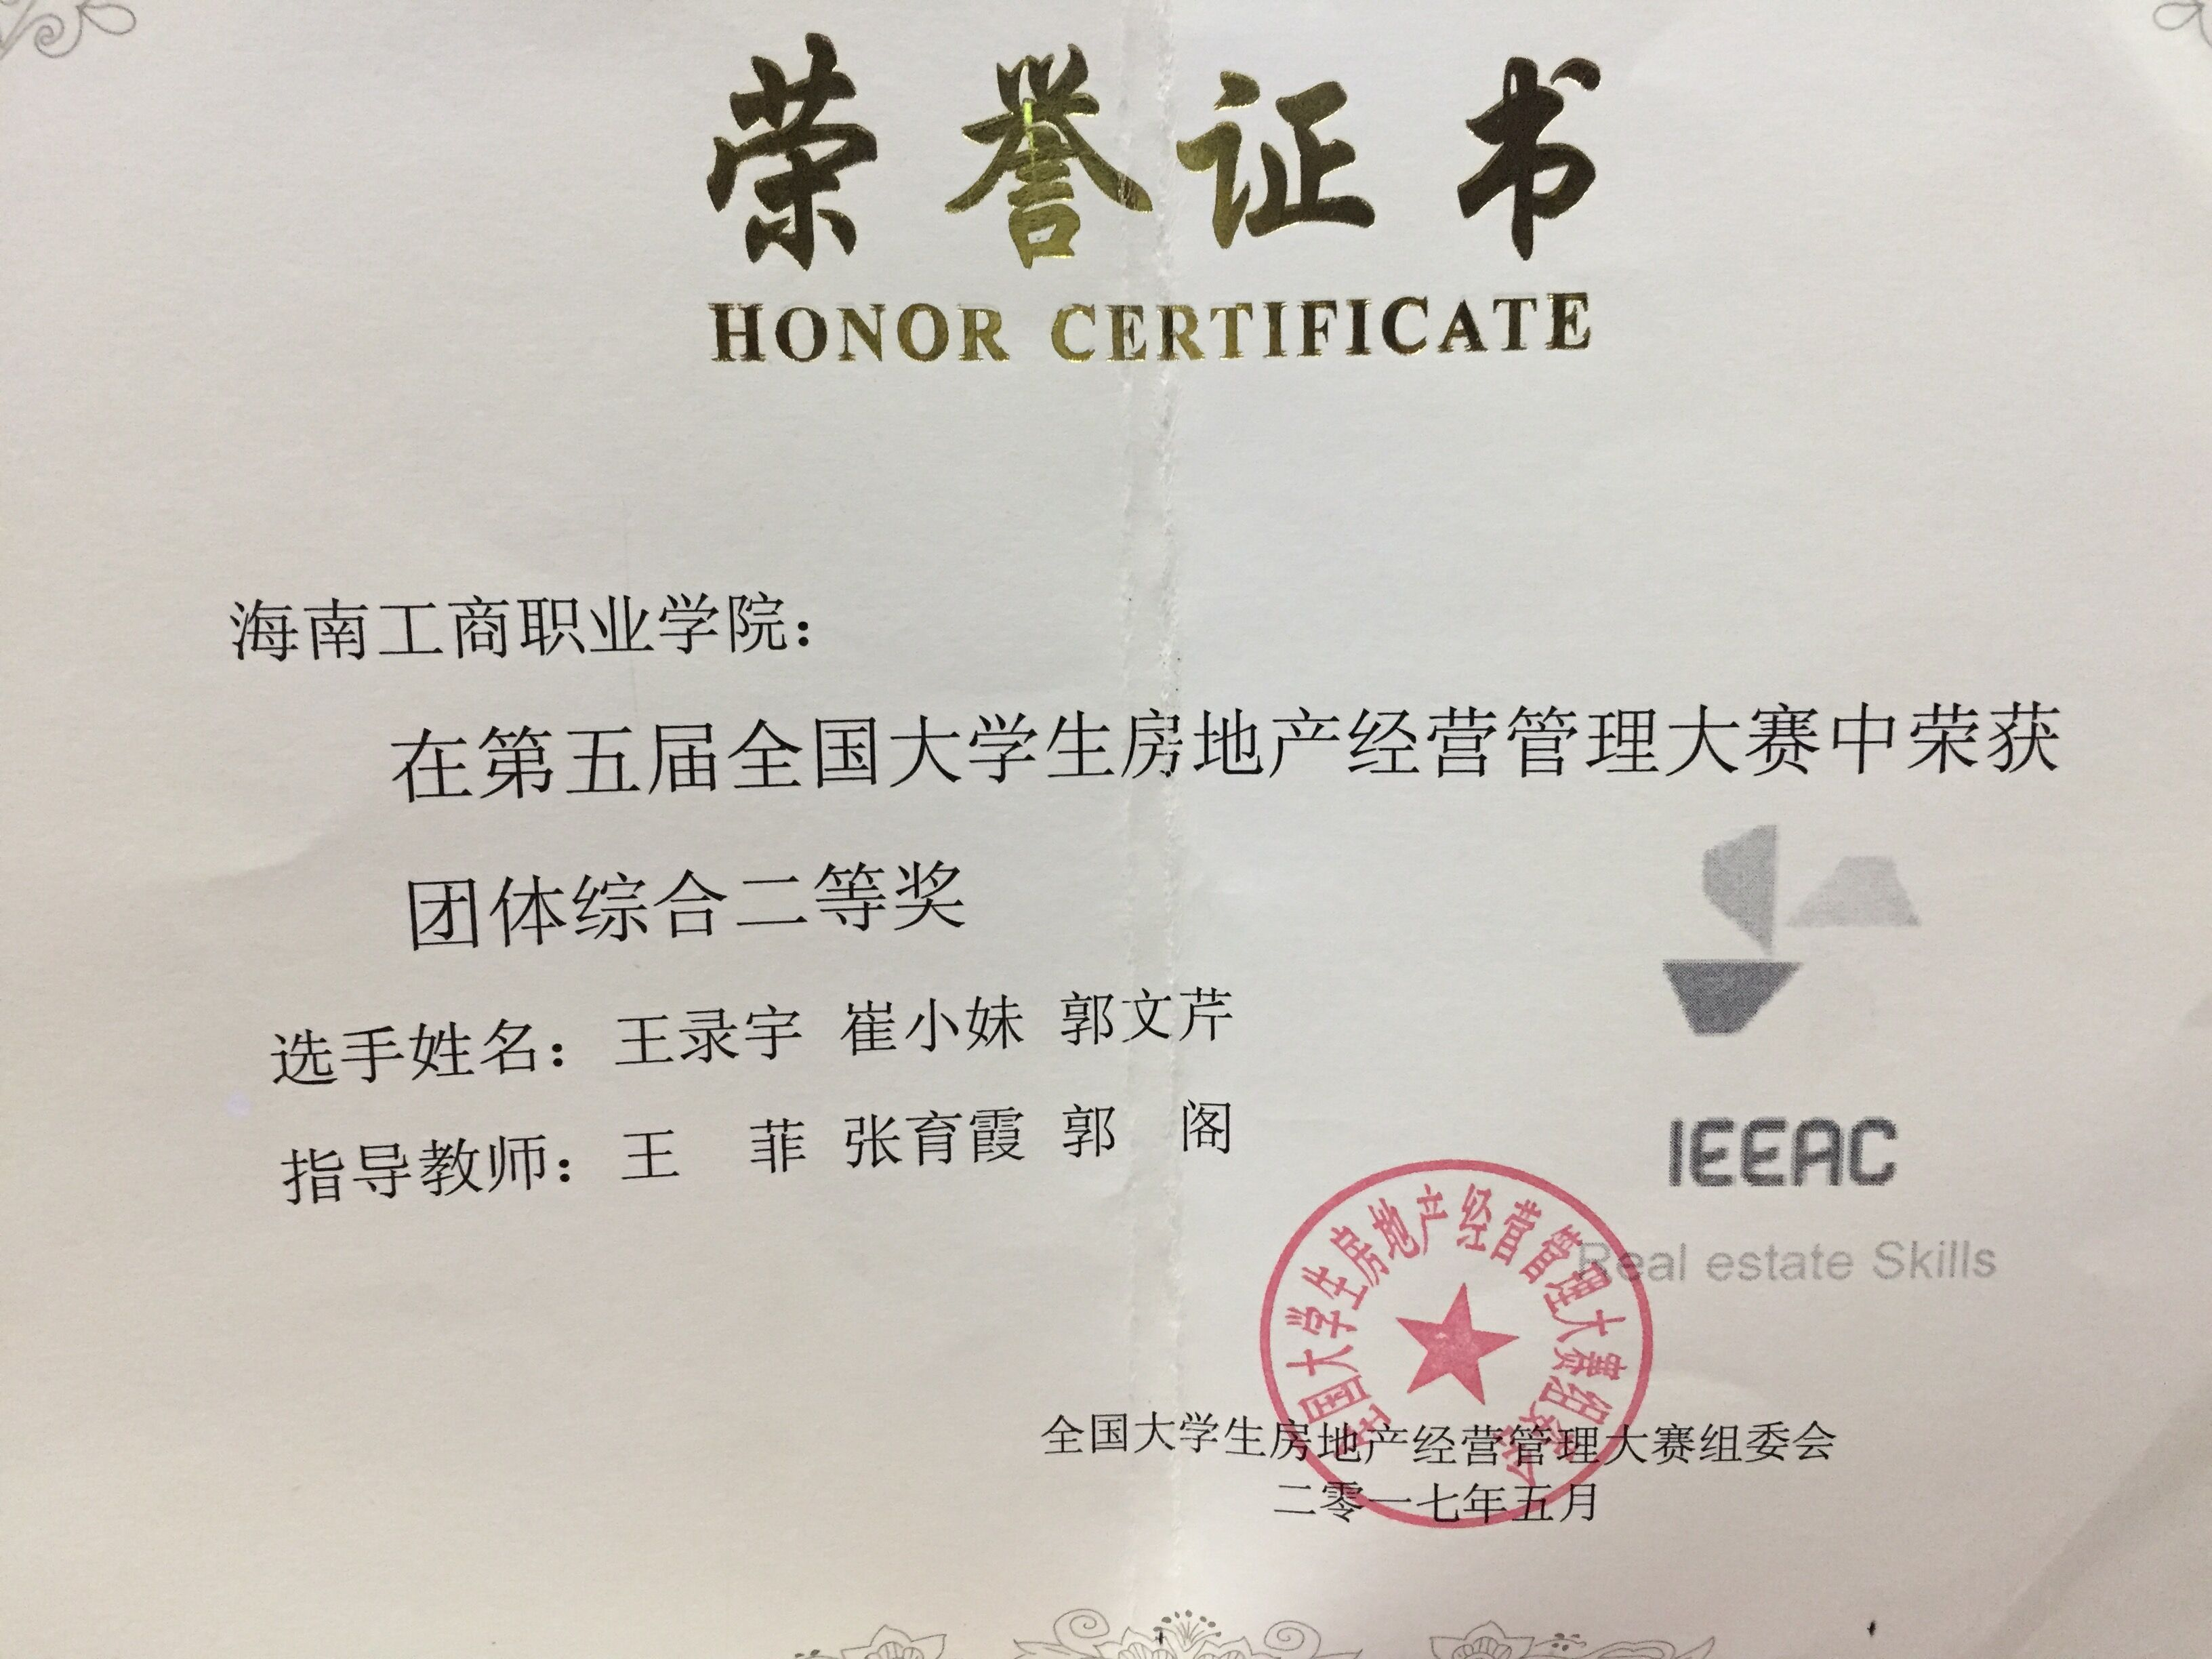 2017年房教中国杯第五届全国大学生房地产经验管理大赛二等奖